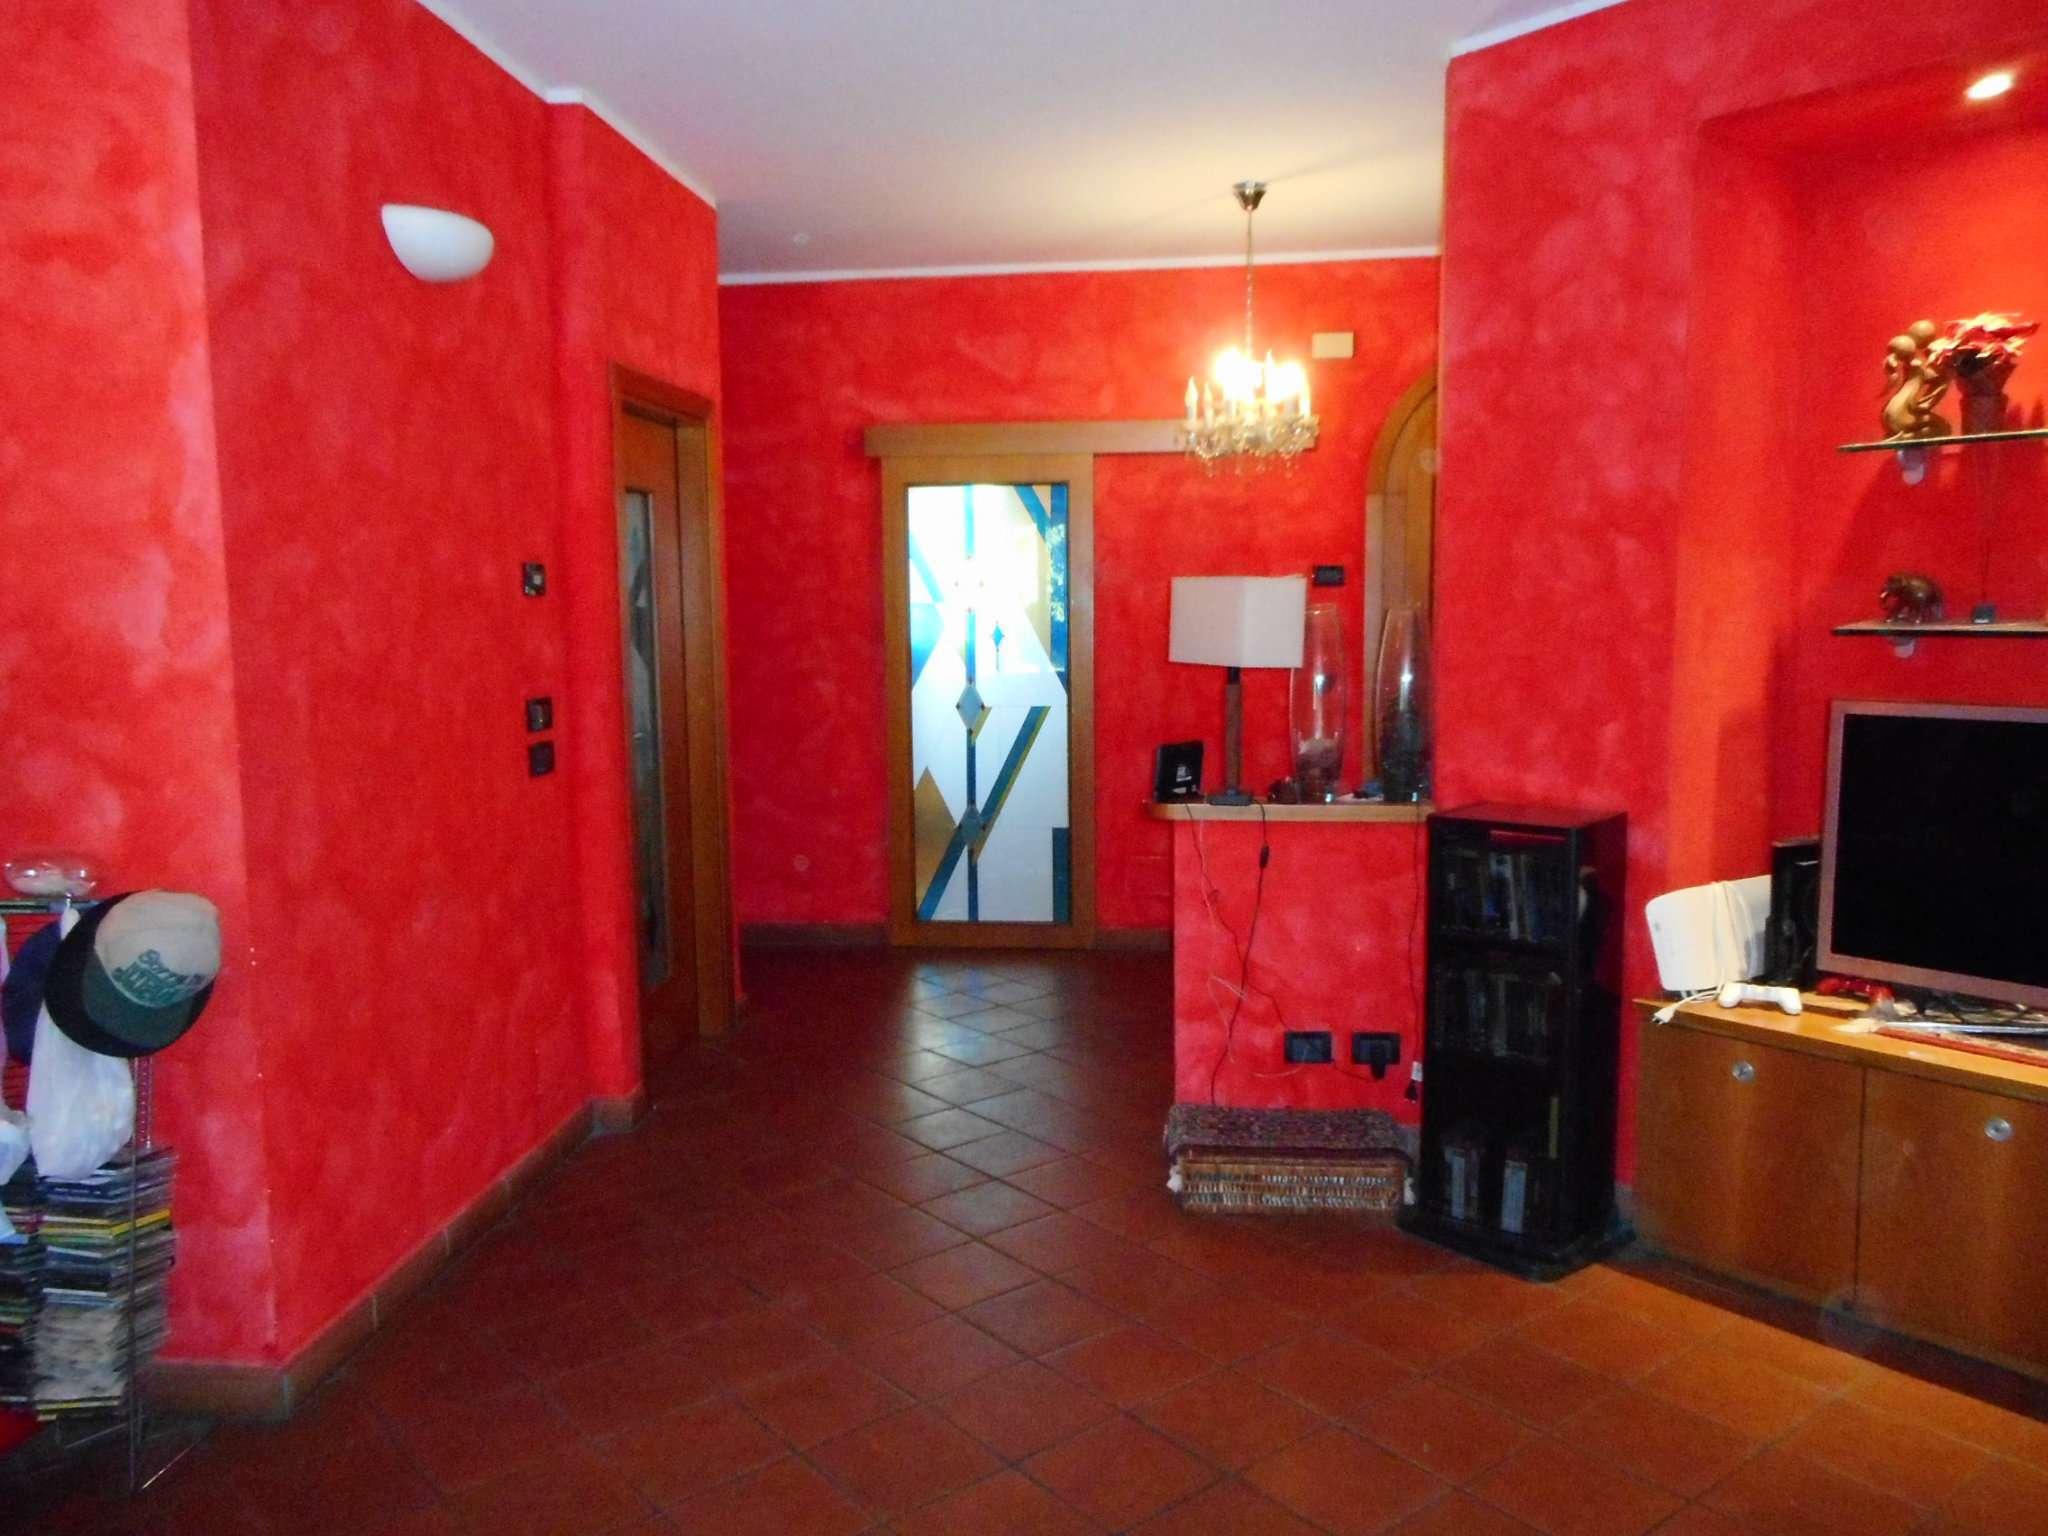 Palazzo / Stabile in vendita a Rimini, 6 locali, prezzo € 399.990 | CambioCasa.it